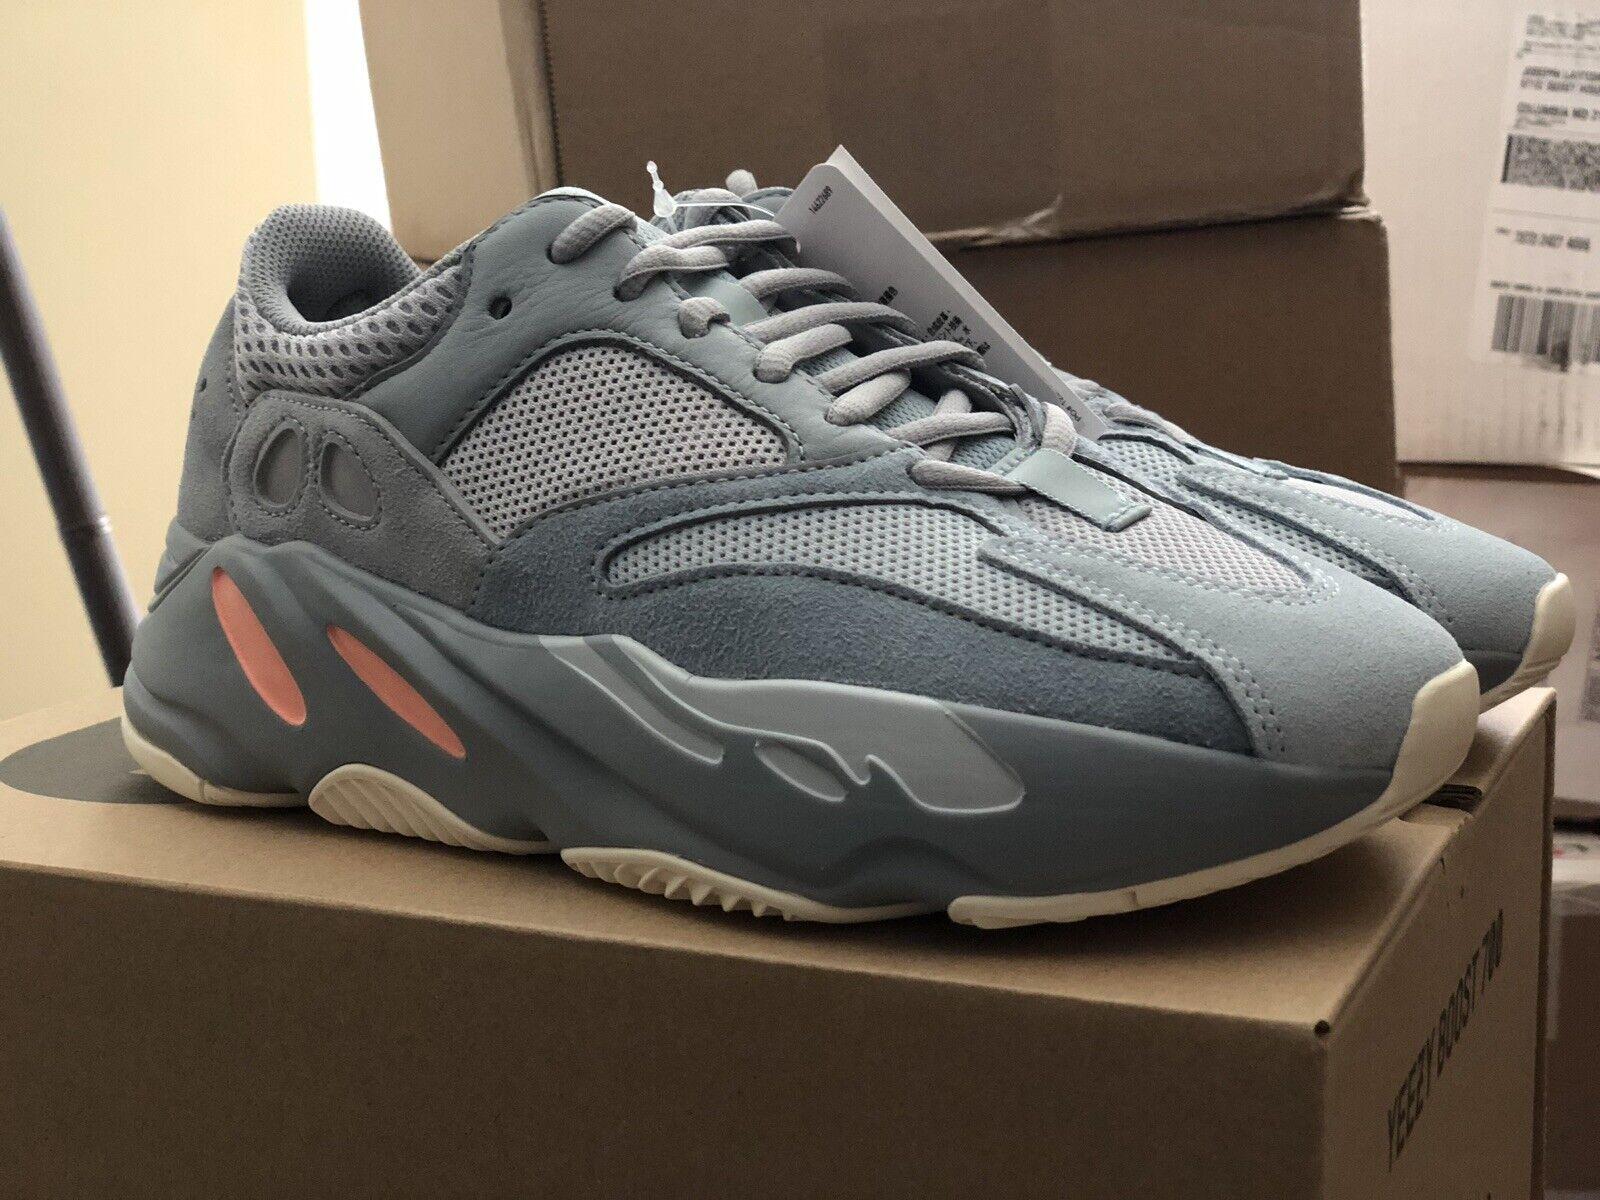 official photos 786c1 d6e95 Inercia Yeezy 700 7.5 Talla bzeybi4325-zapatos nuevos - www ...